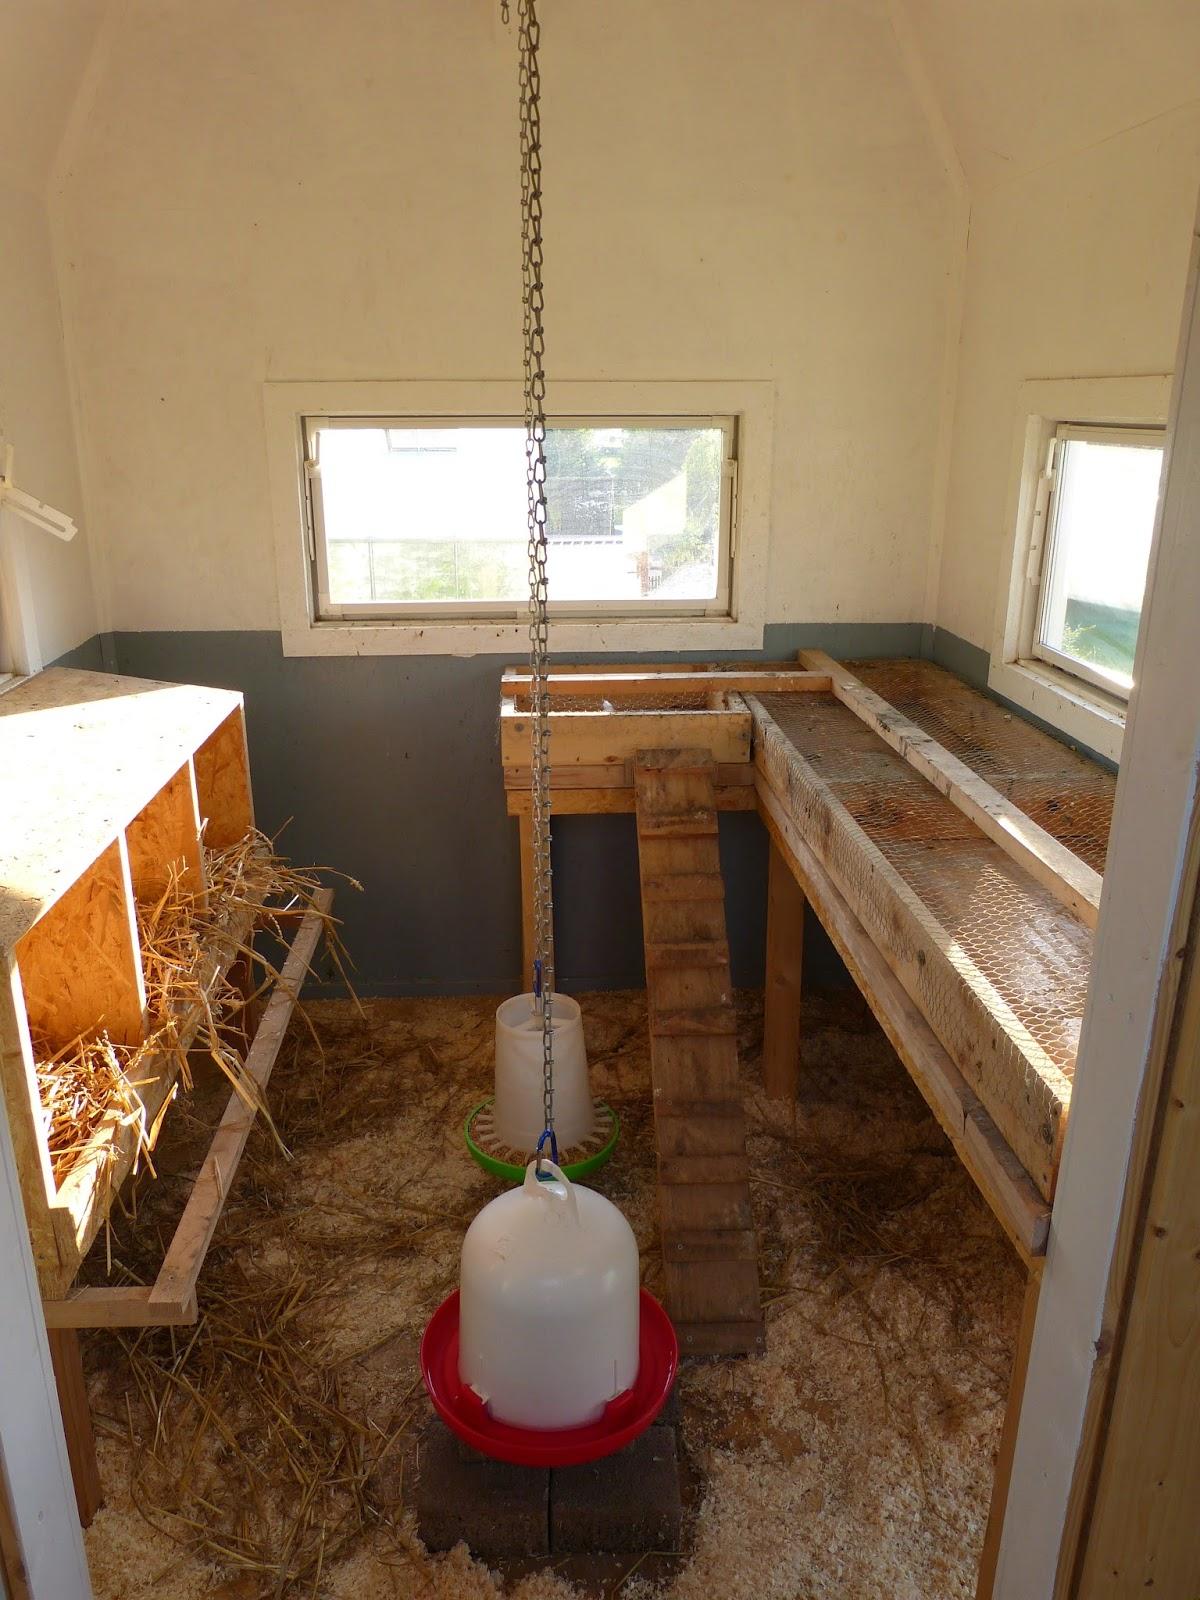 bab s bumblebee schweden h hnerstall mit aussicht. Black Bedroom Furniture Sets. Home Design Ideas